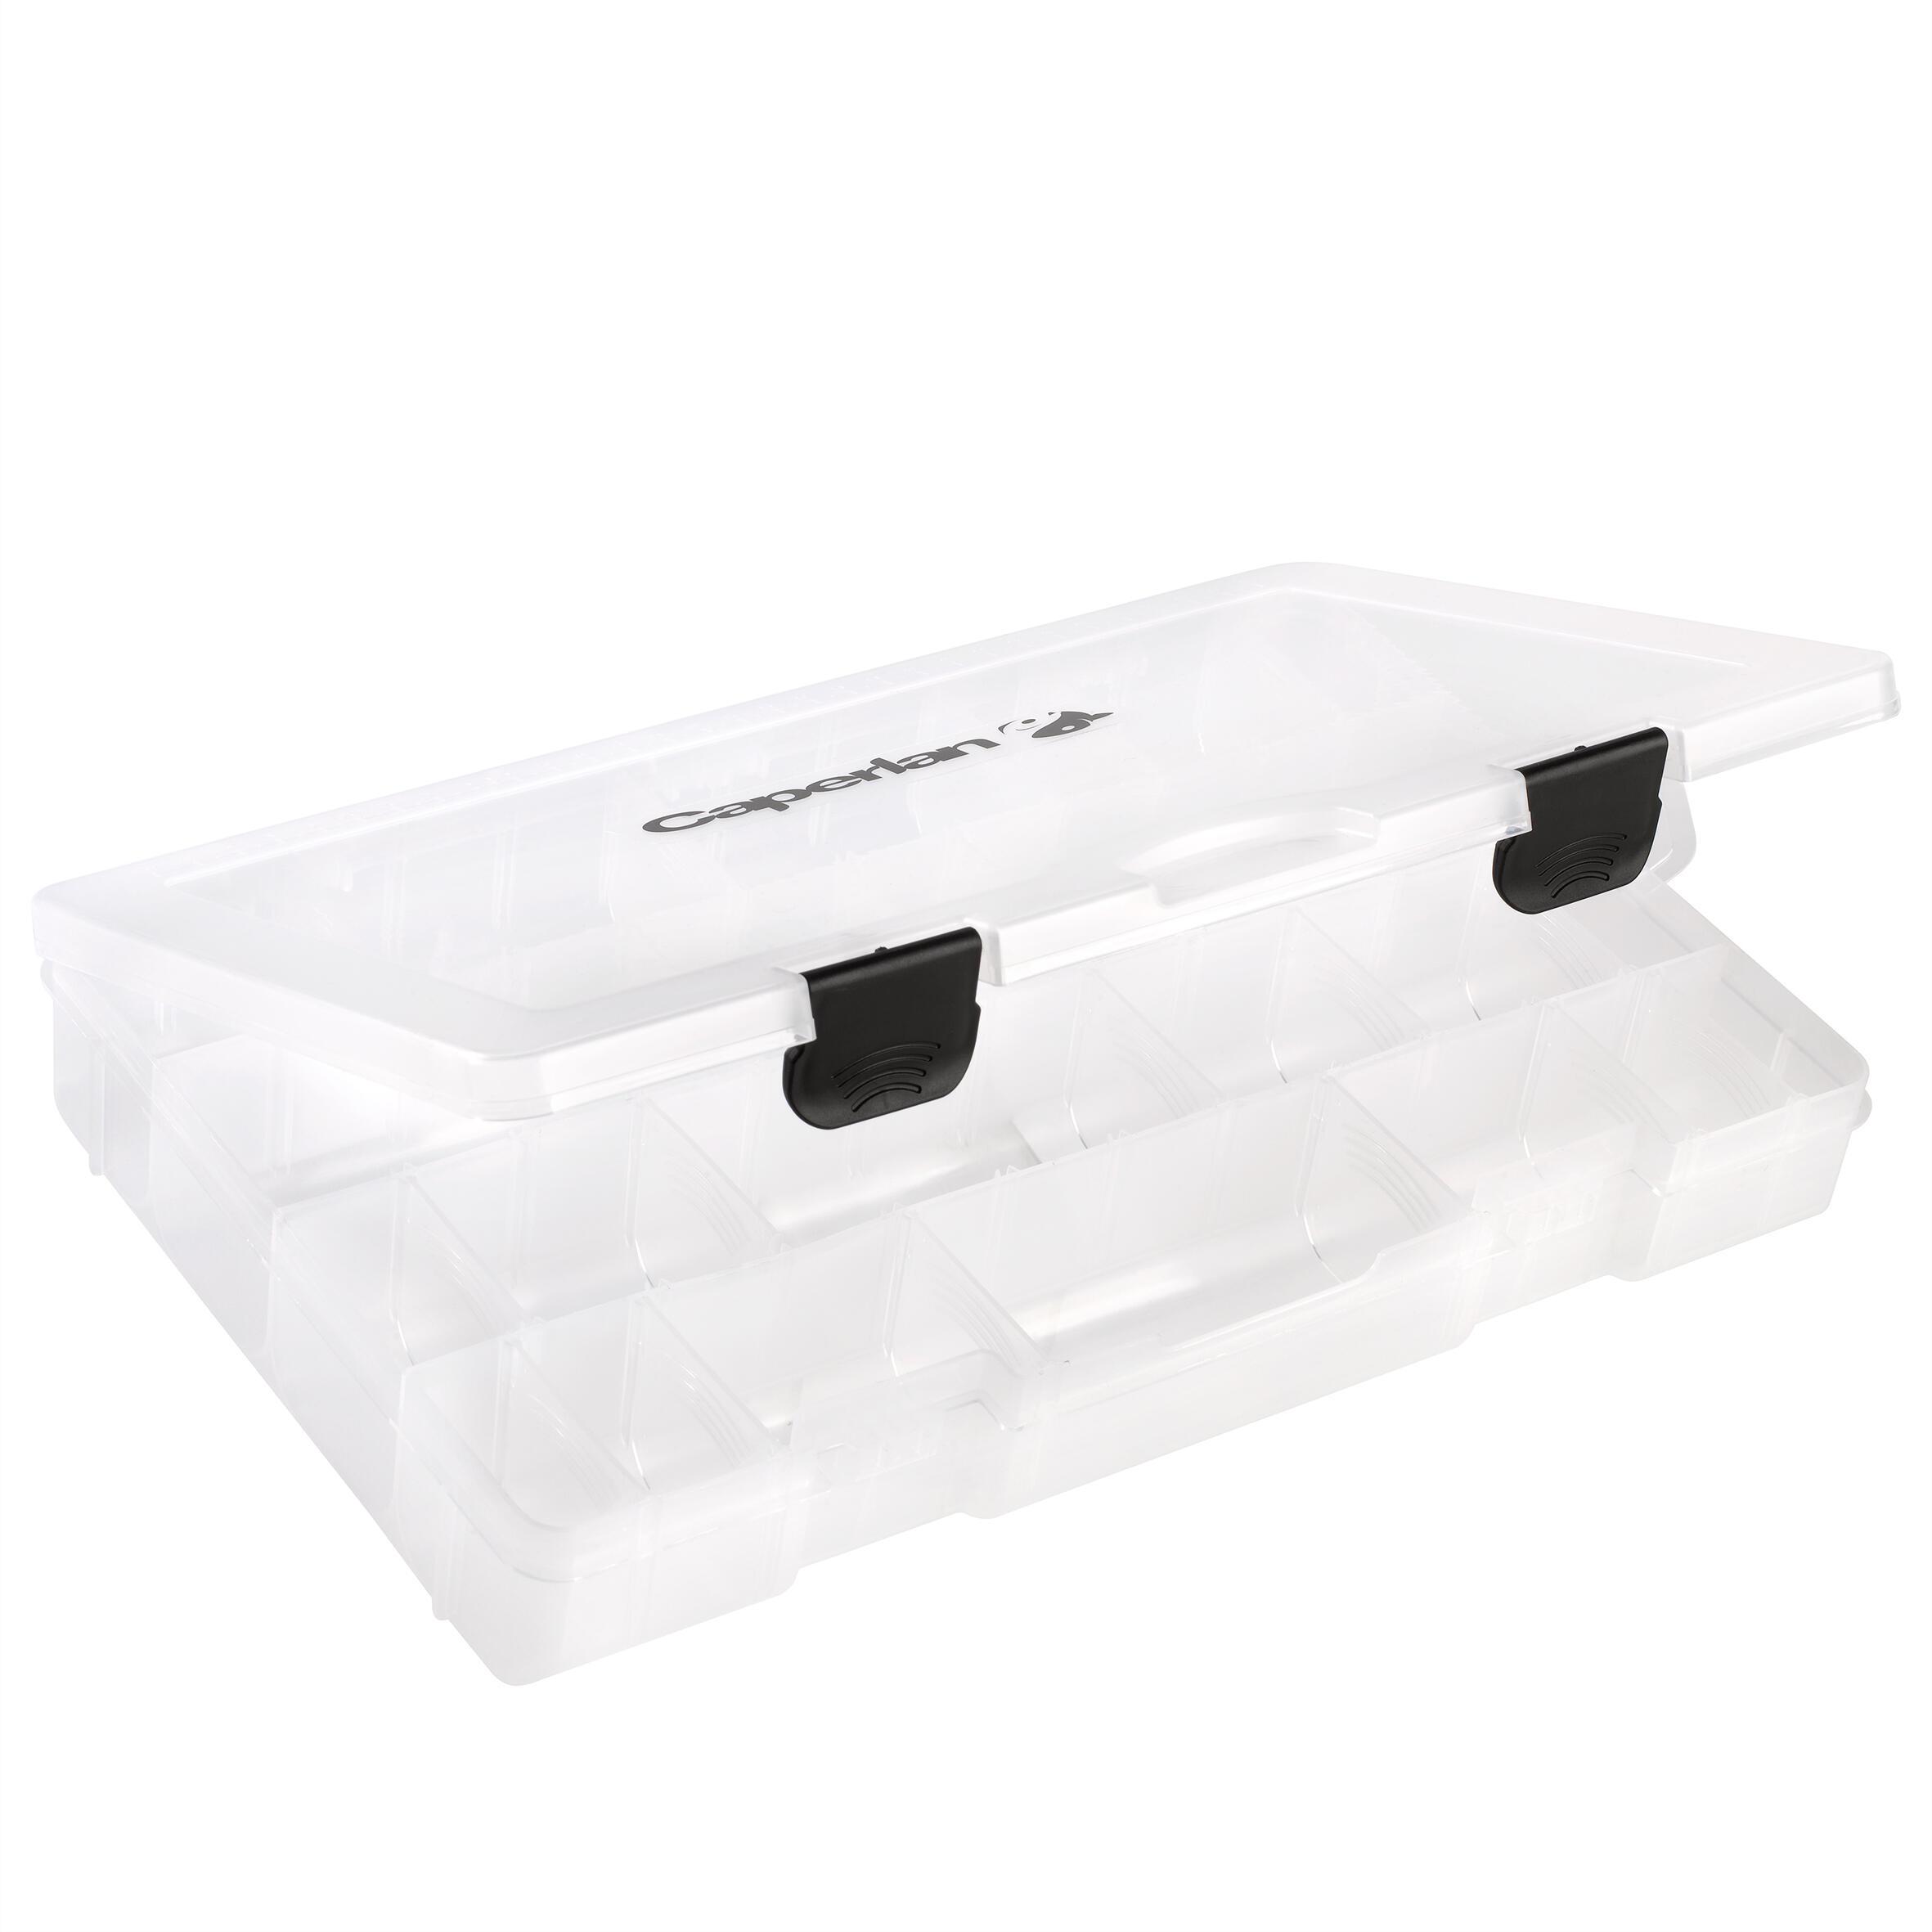 Fishing lure box Size XL